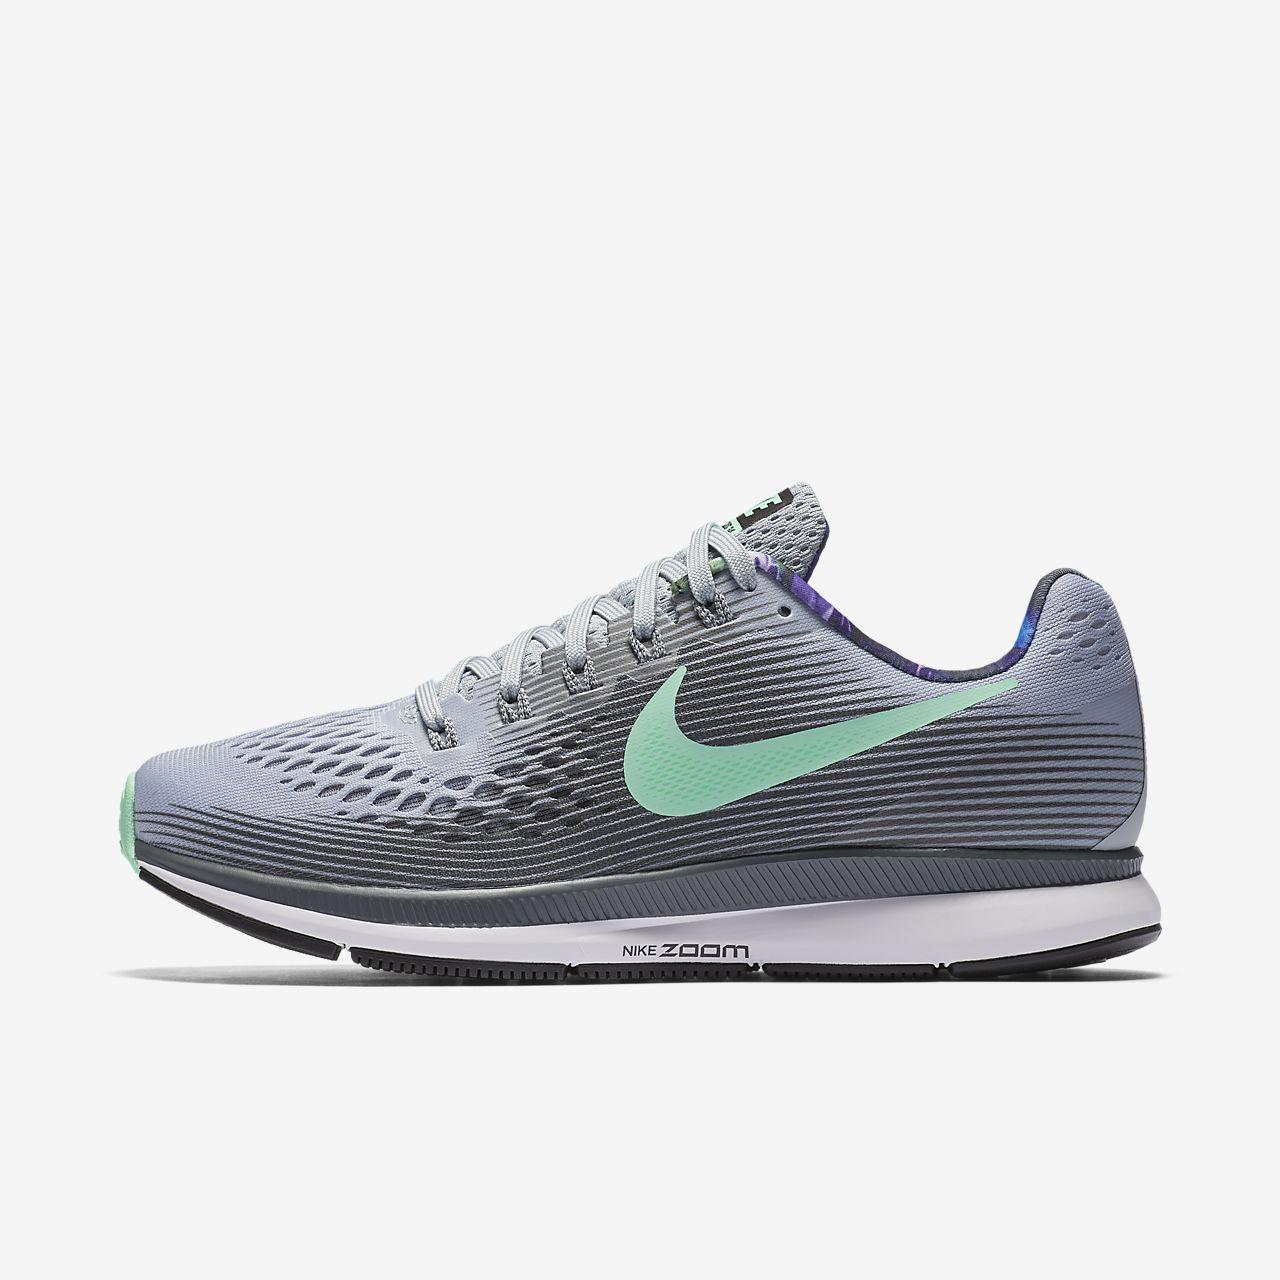 ... Nike Air Zoom Pegasus 34 Solstice Women's Running Shoe